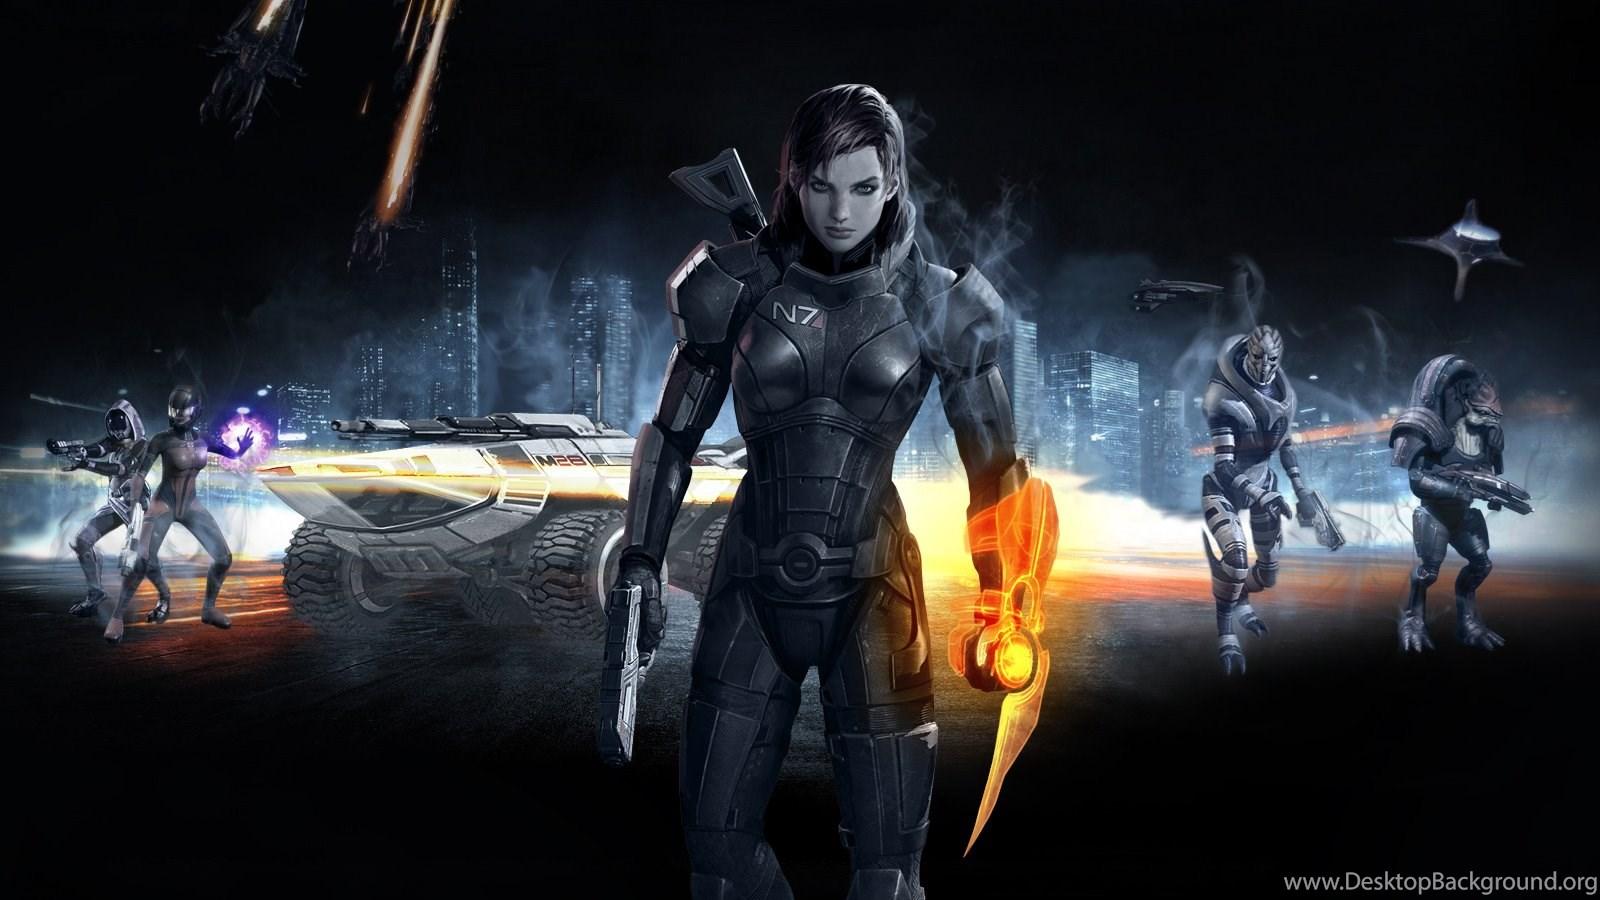 Mass Effect 3 Screen Femshep By Warhound Cmp On Deviantart Desktop